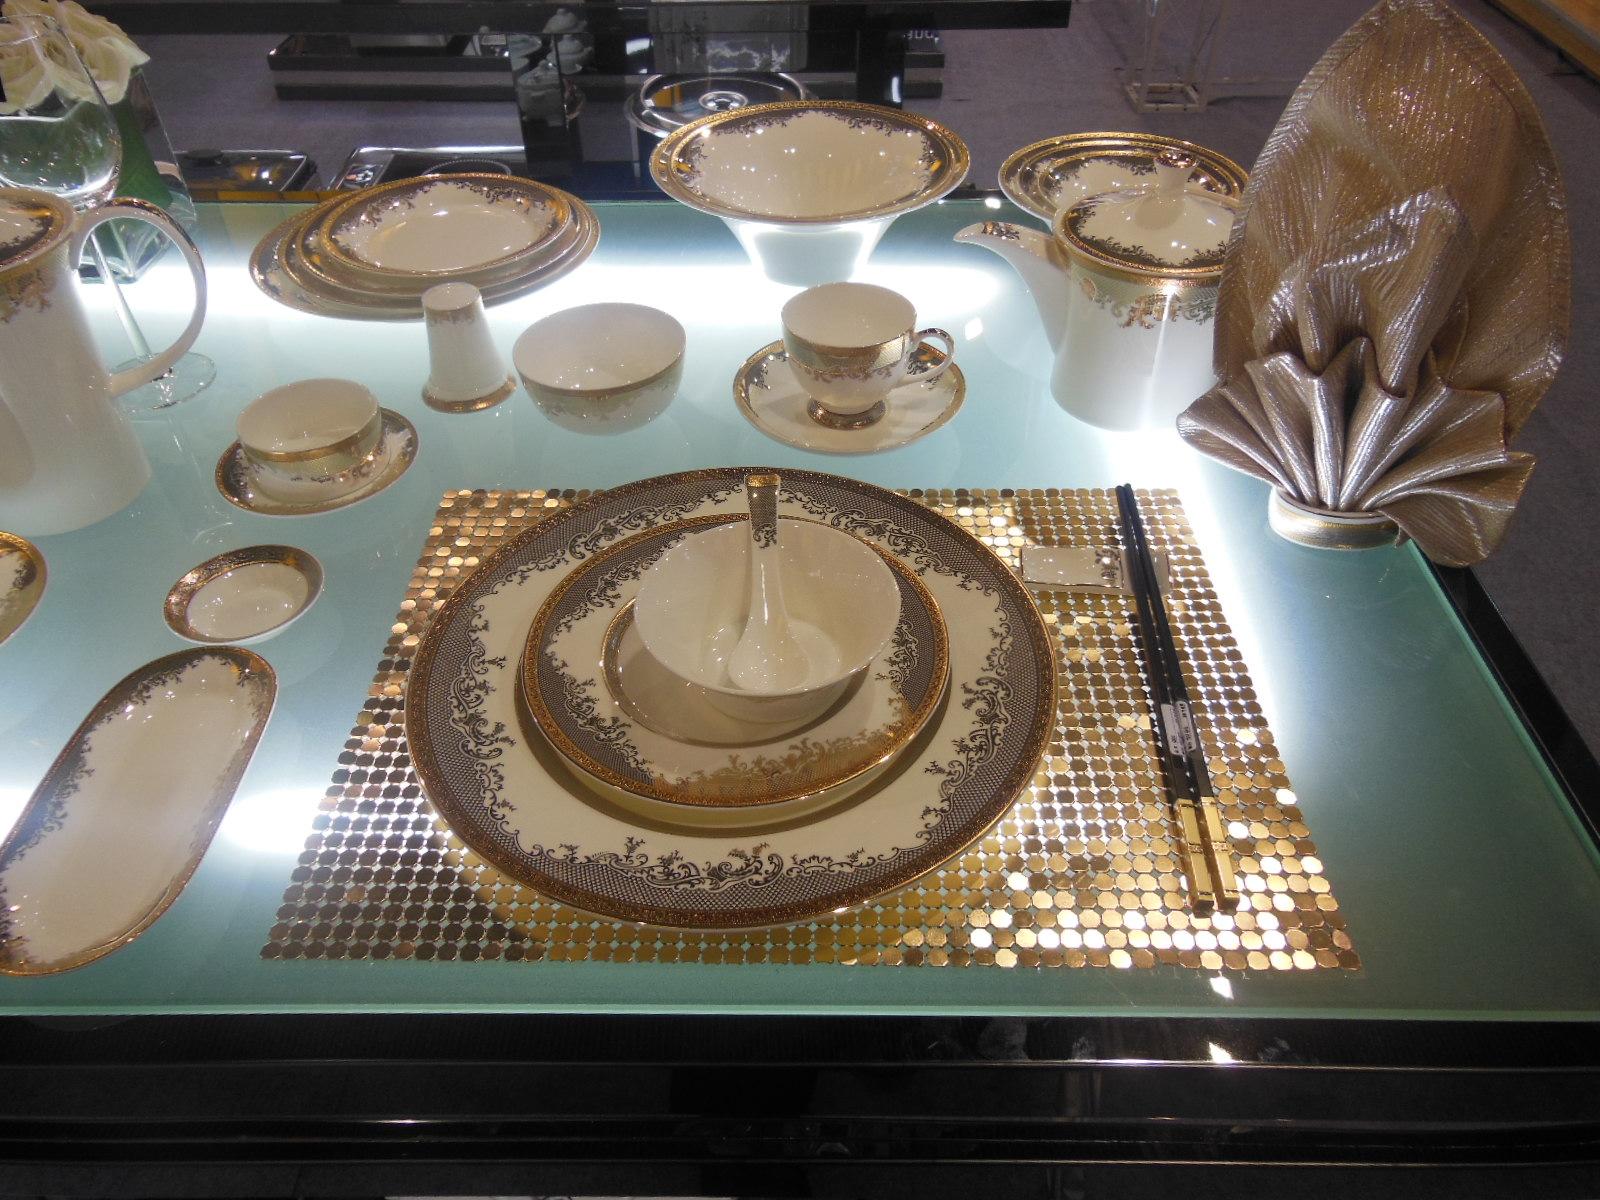 Guangzhou pazhou exhibition-Tontile Ceramic plate 2